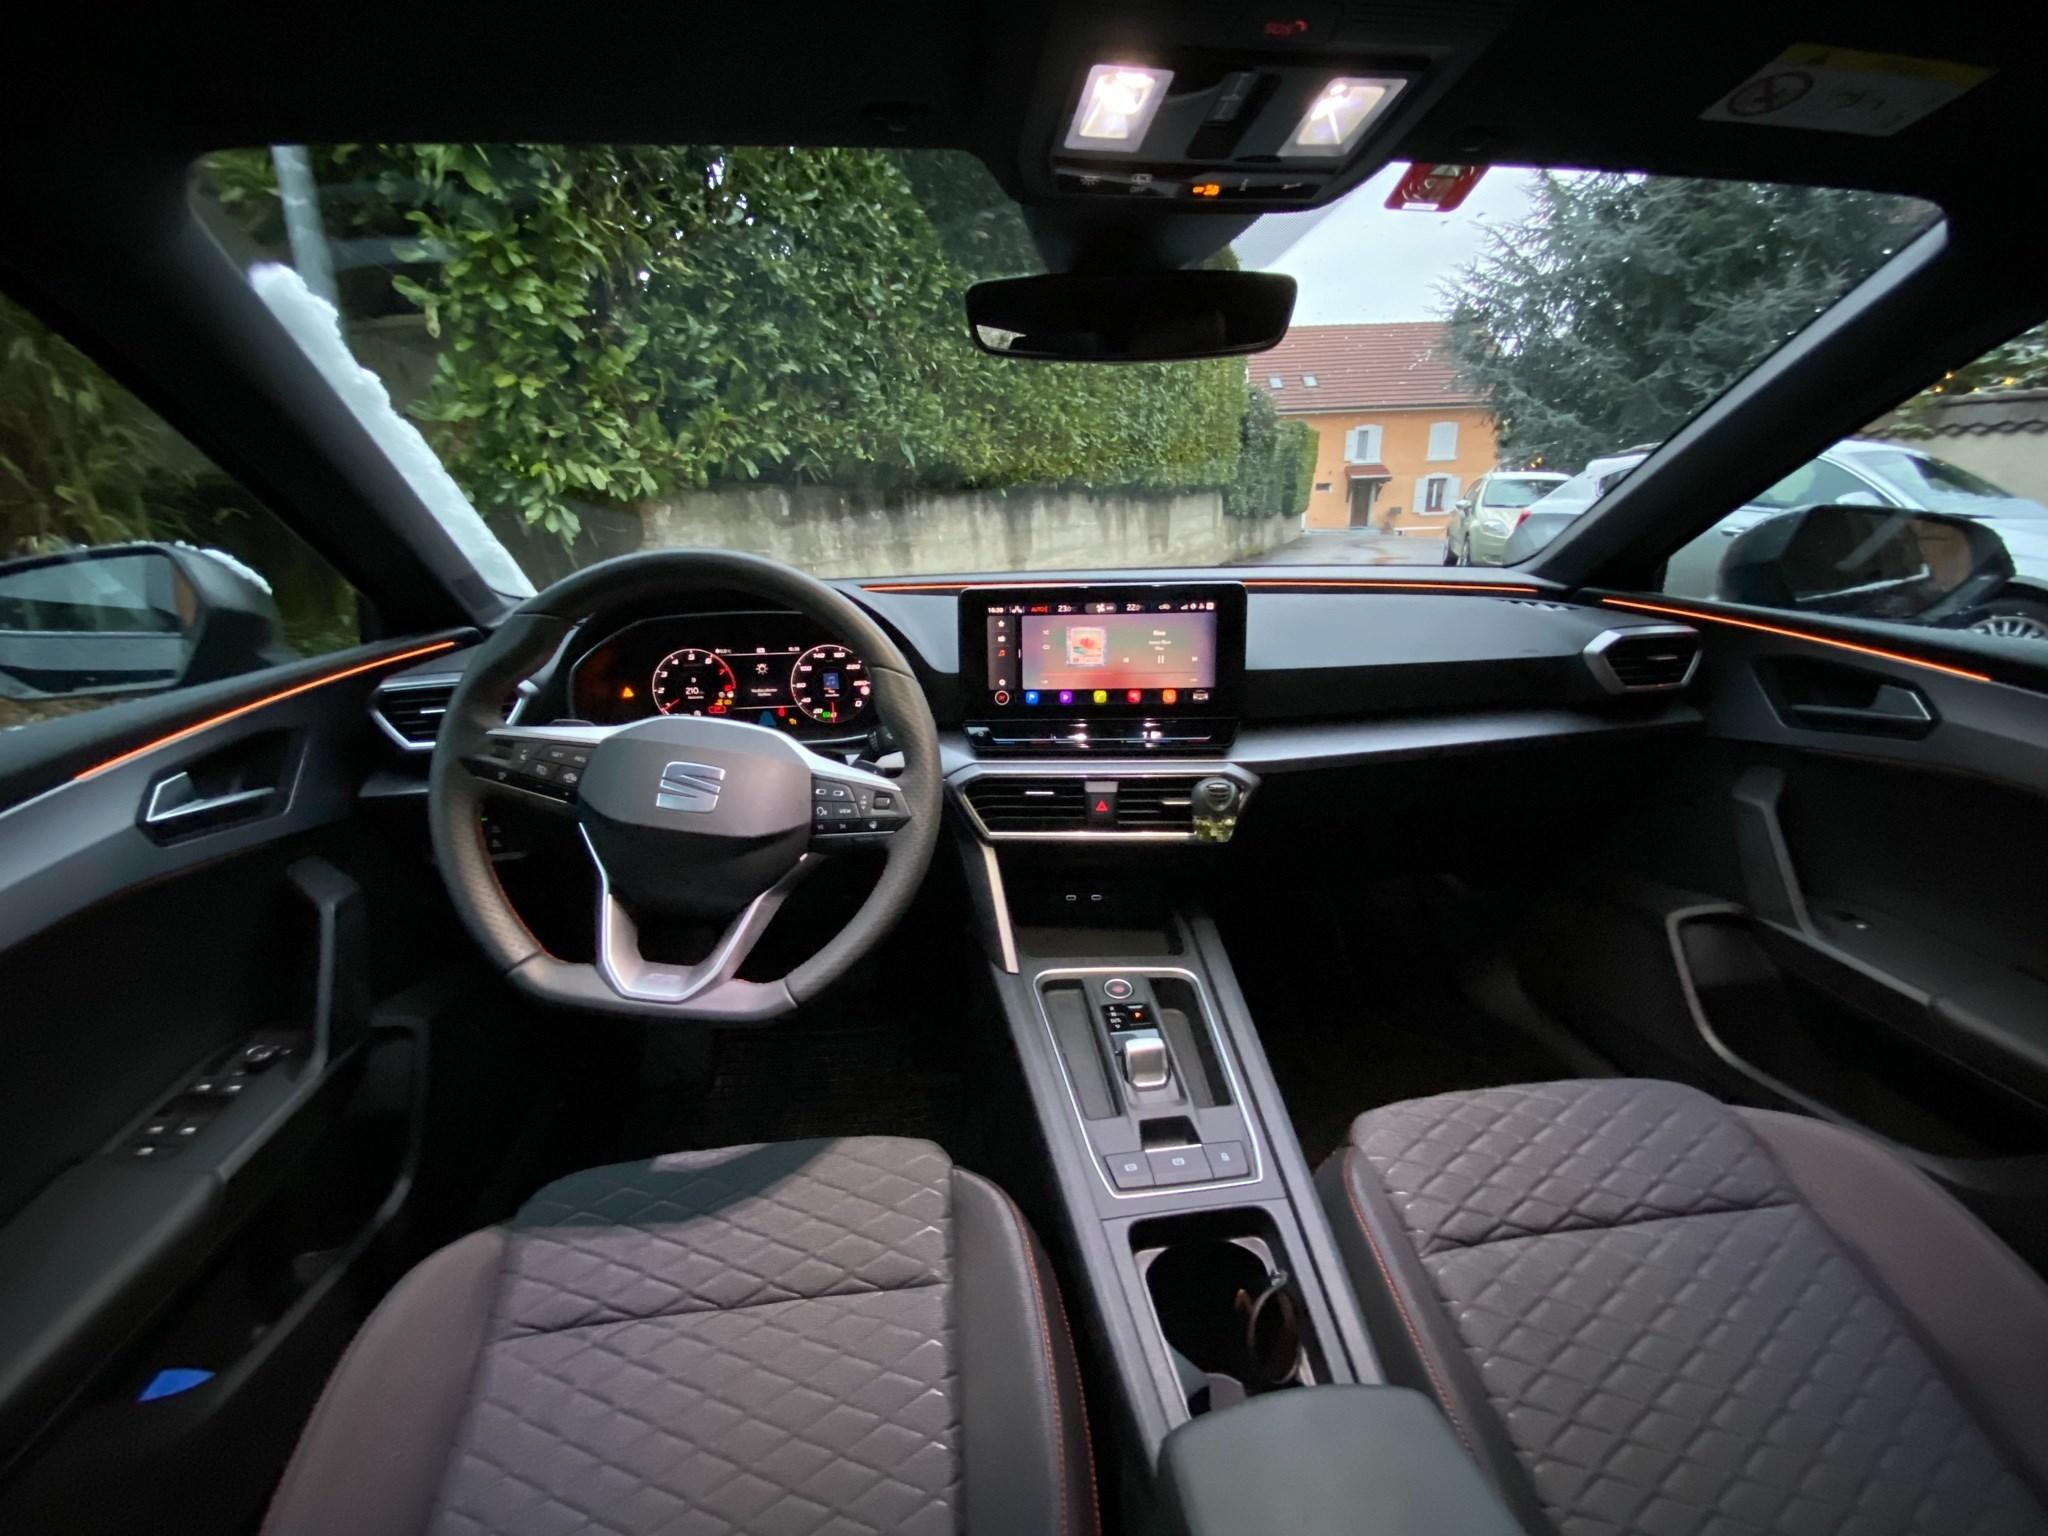 SEAT Leon 1.5 eTSI 150 Hola FR DSG